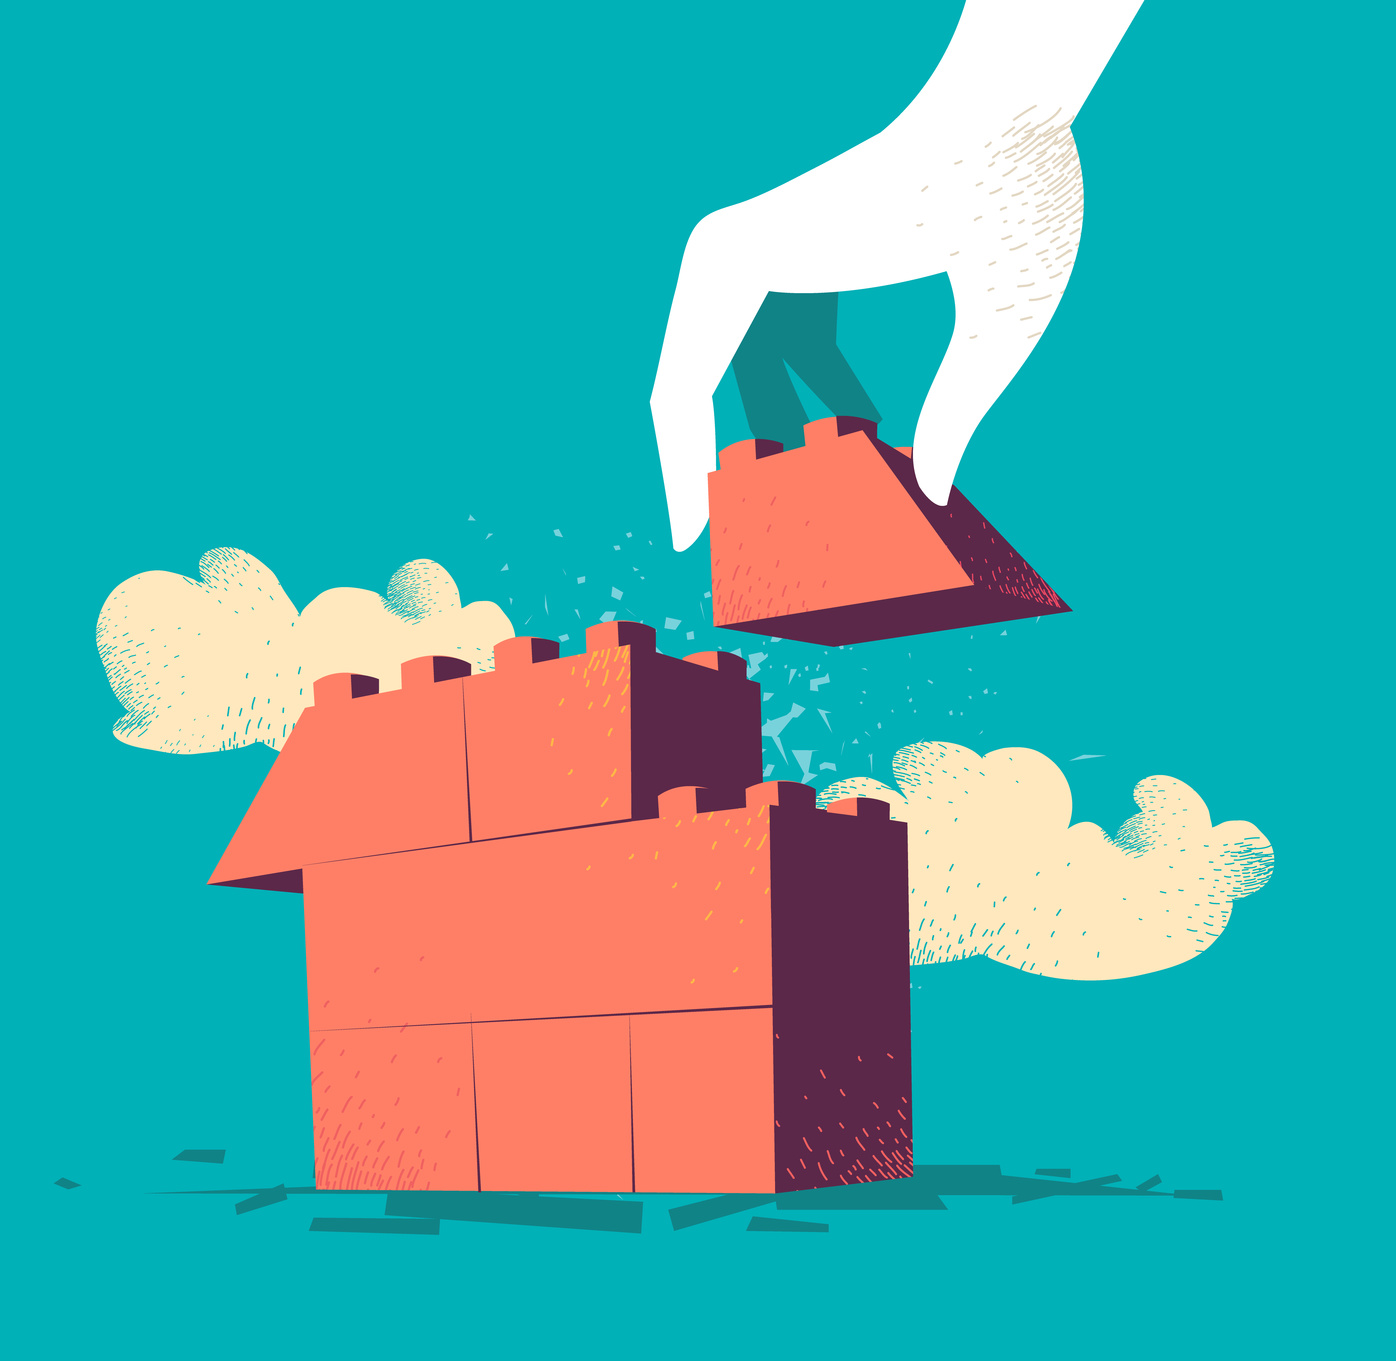 Copropriété : comment faire pour surélever l'immeuble ?